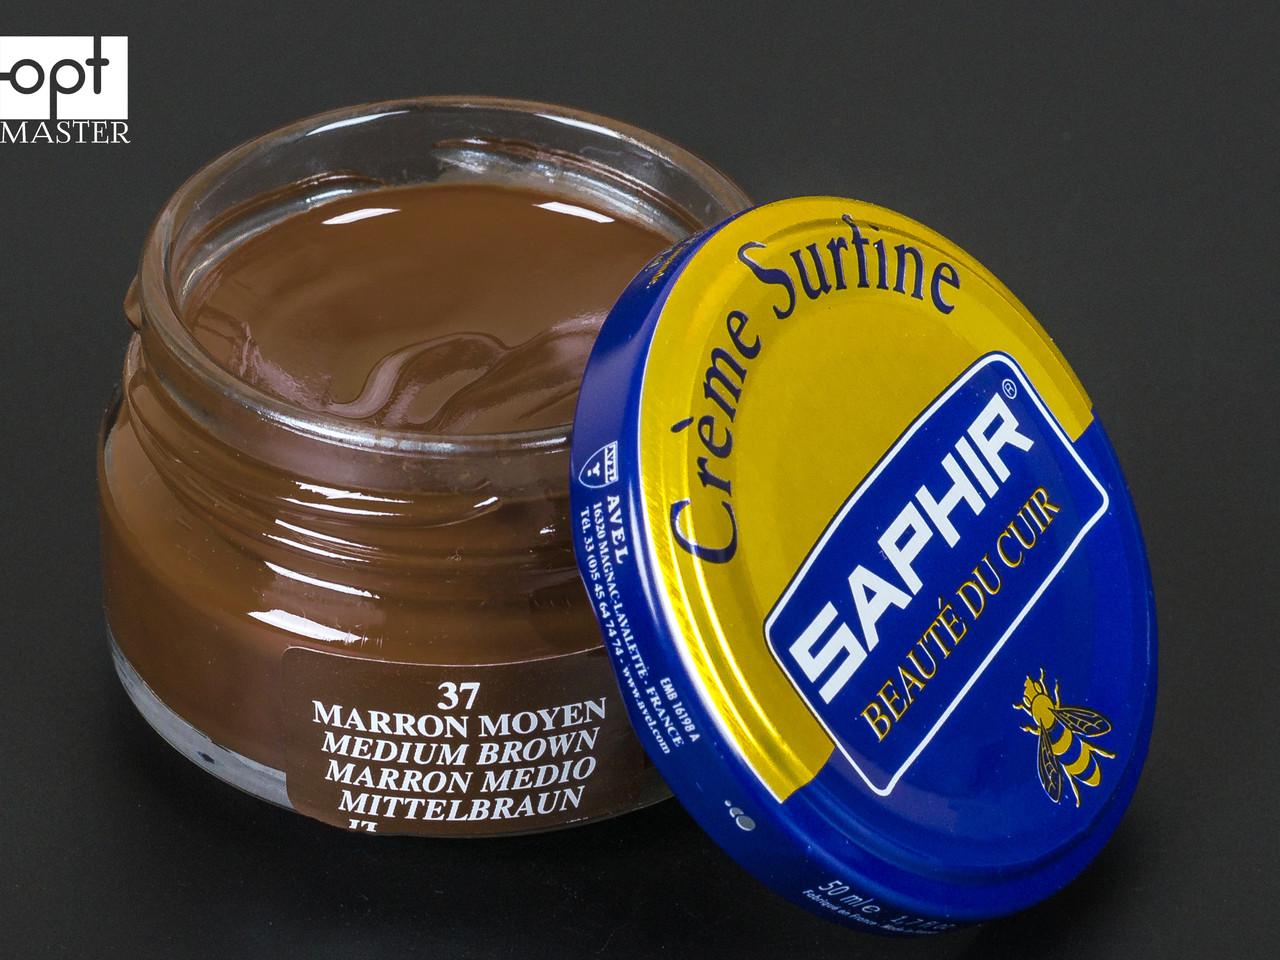 Увлажняющий крем для обуви Saphir Creme Surfine, цв. средне-коричневый (37), 50 мл (0032)